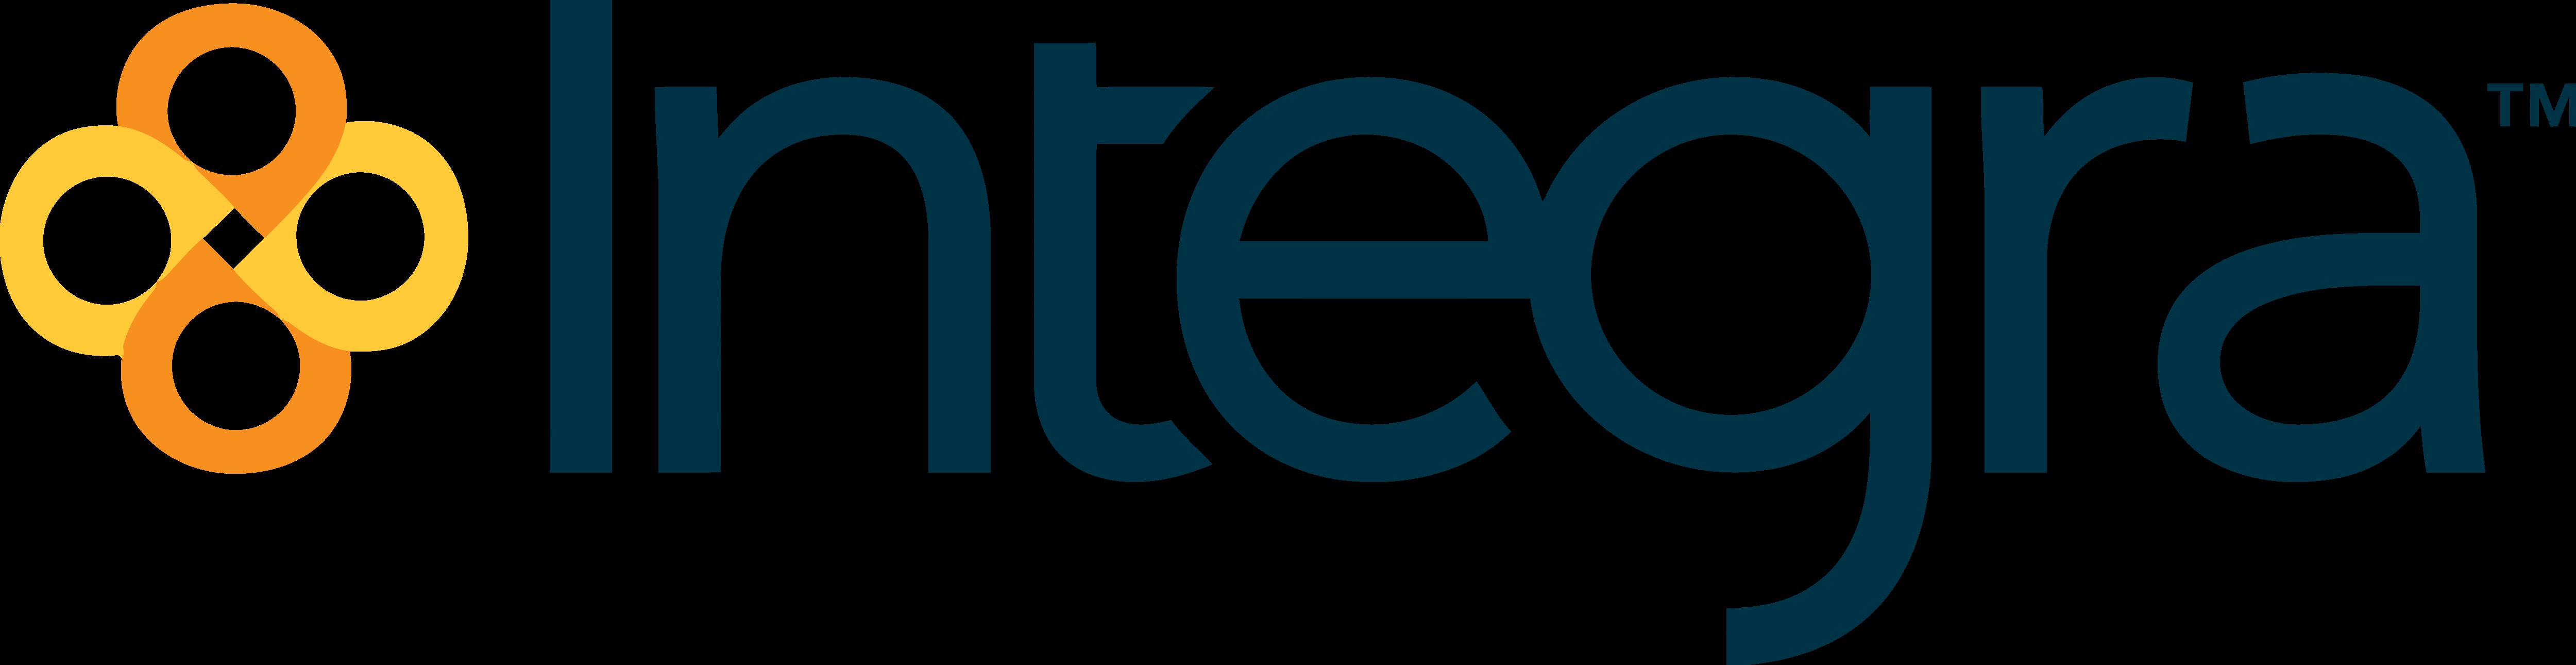 Integra Telecom logo